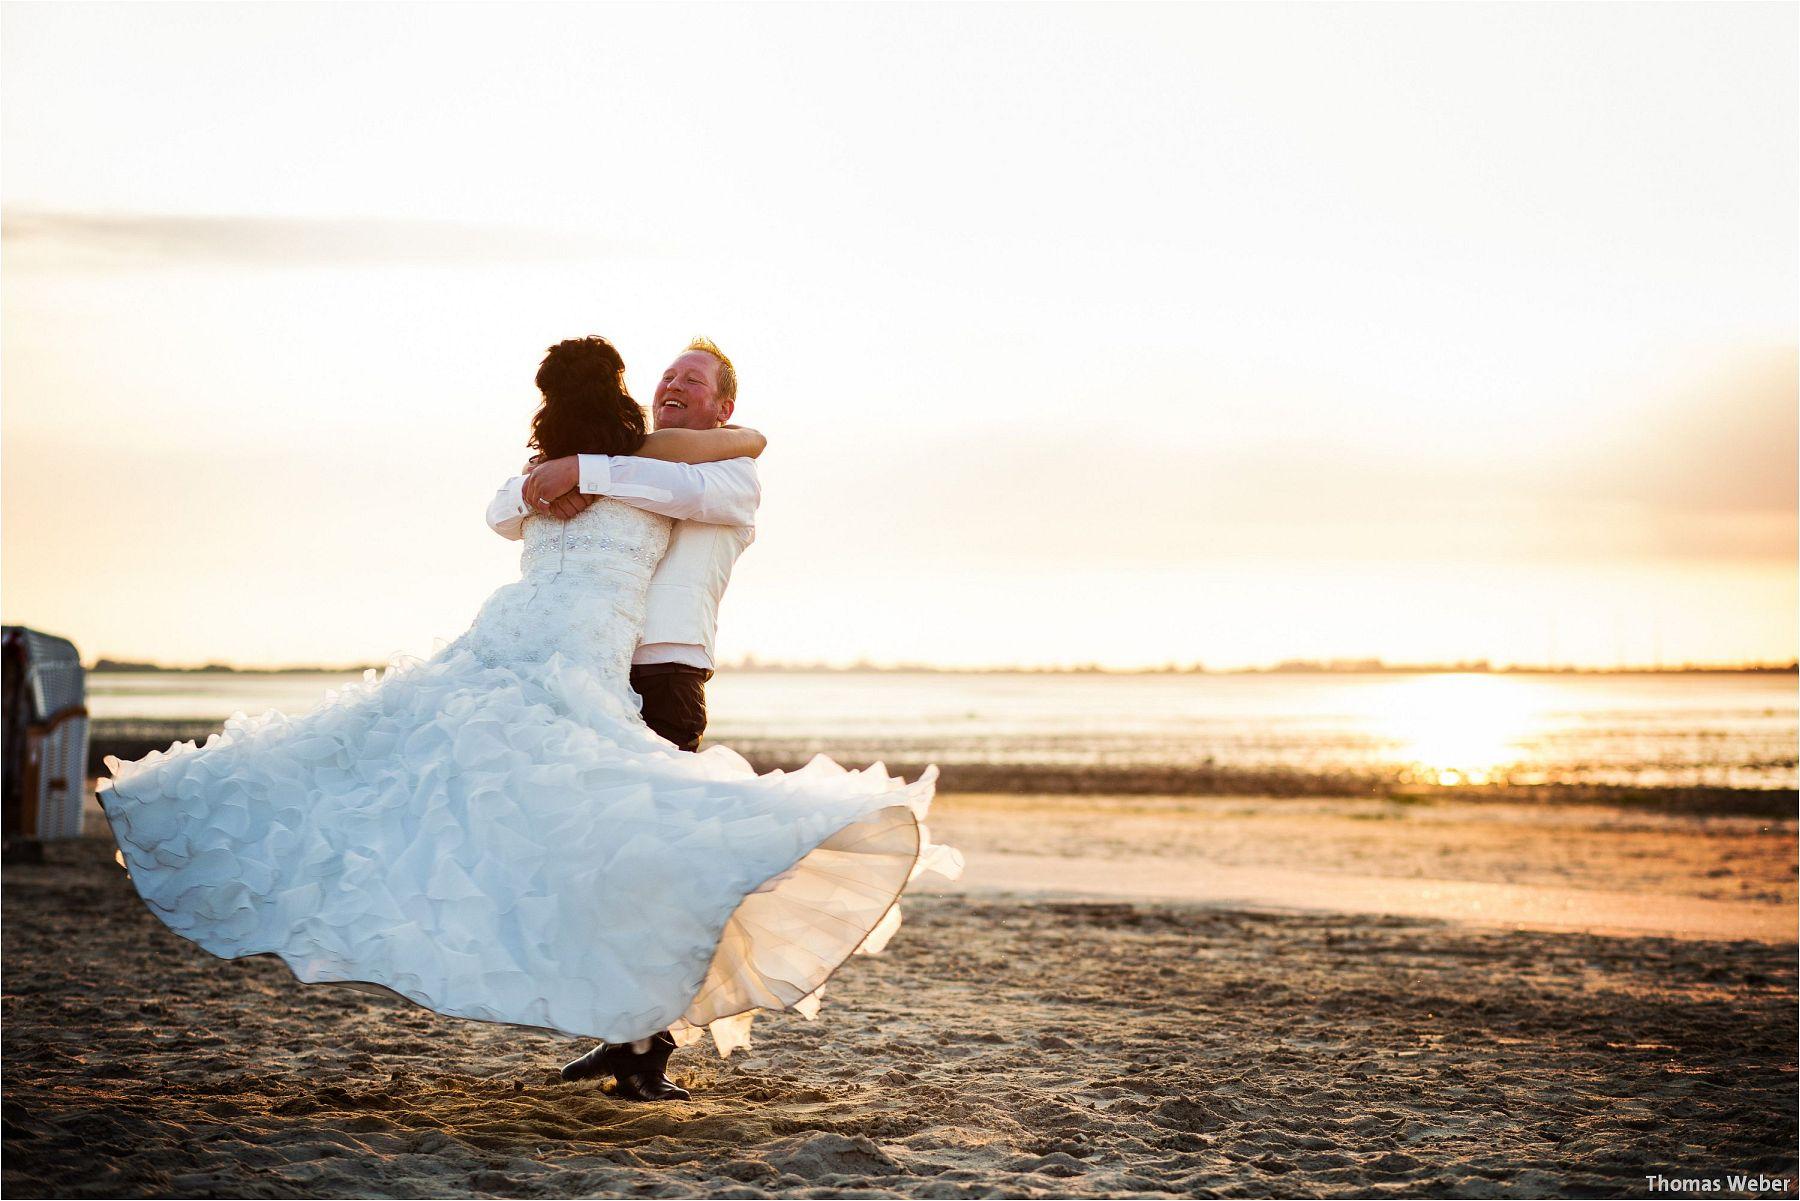 Hochzeitsfotograf Oldenburg: Hochzeitsportraits bei einem After Wedding Shooting am Nordsee-Strand von Dangast/Varel bei Sonnenuntergang (12)